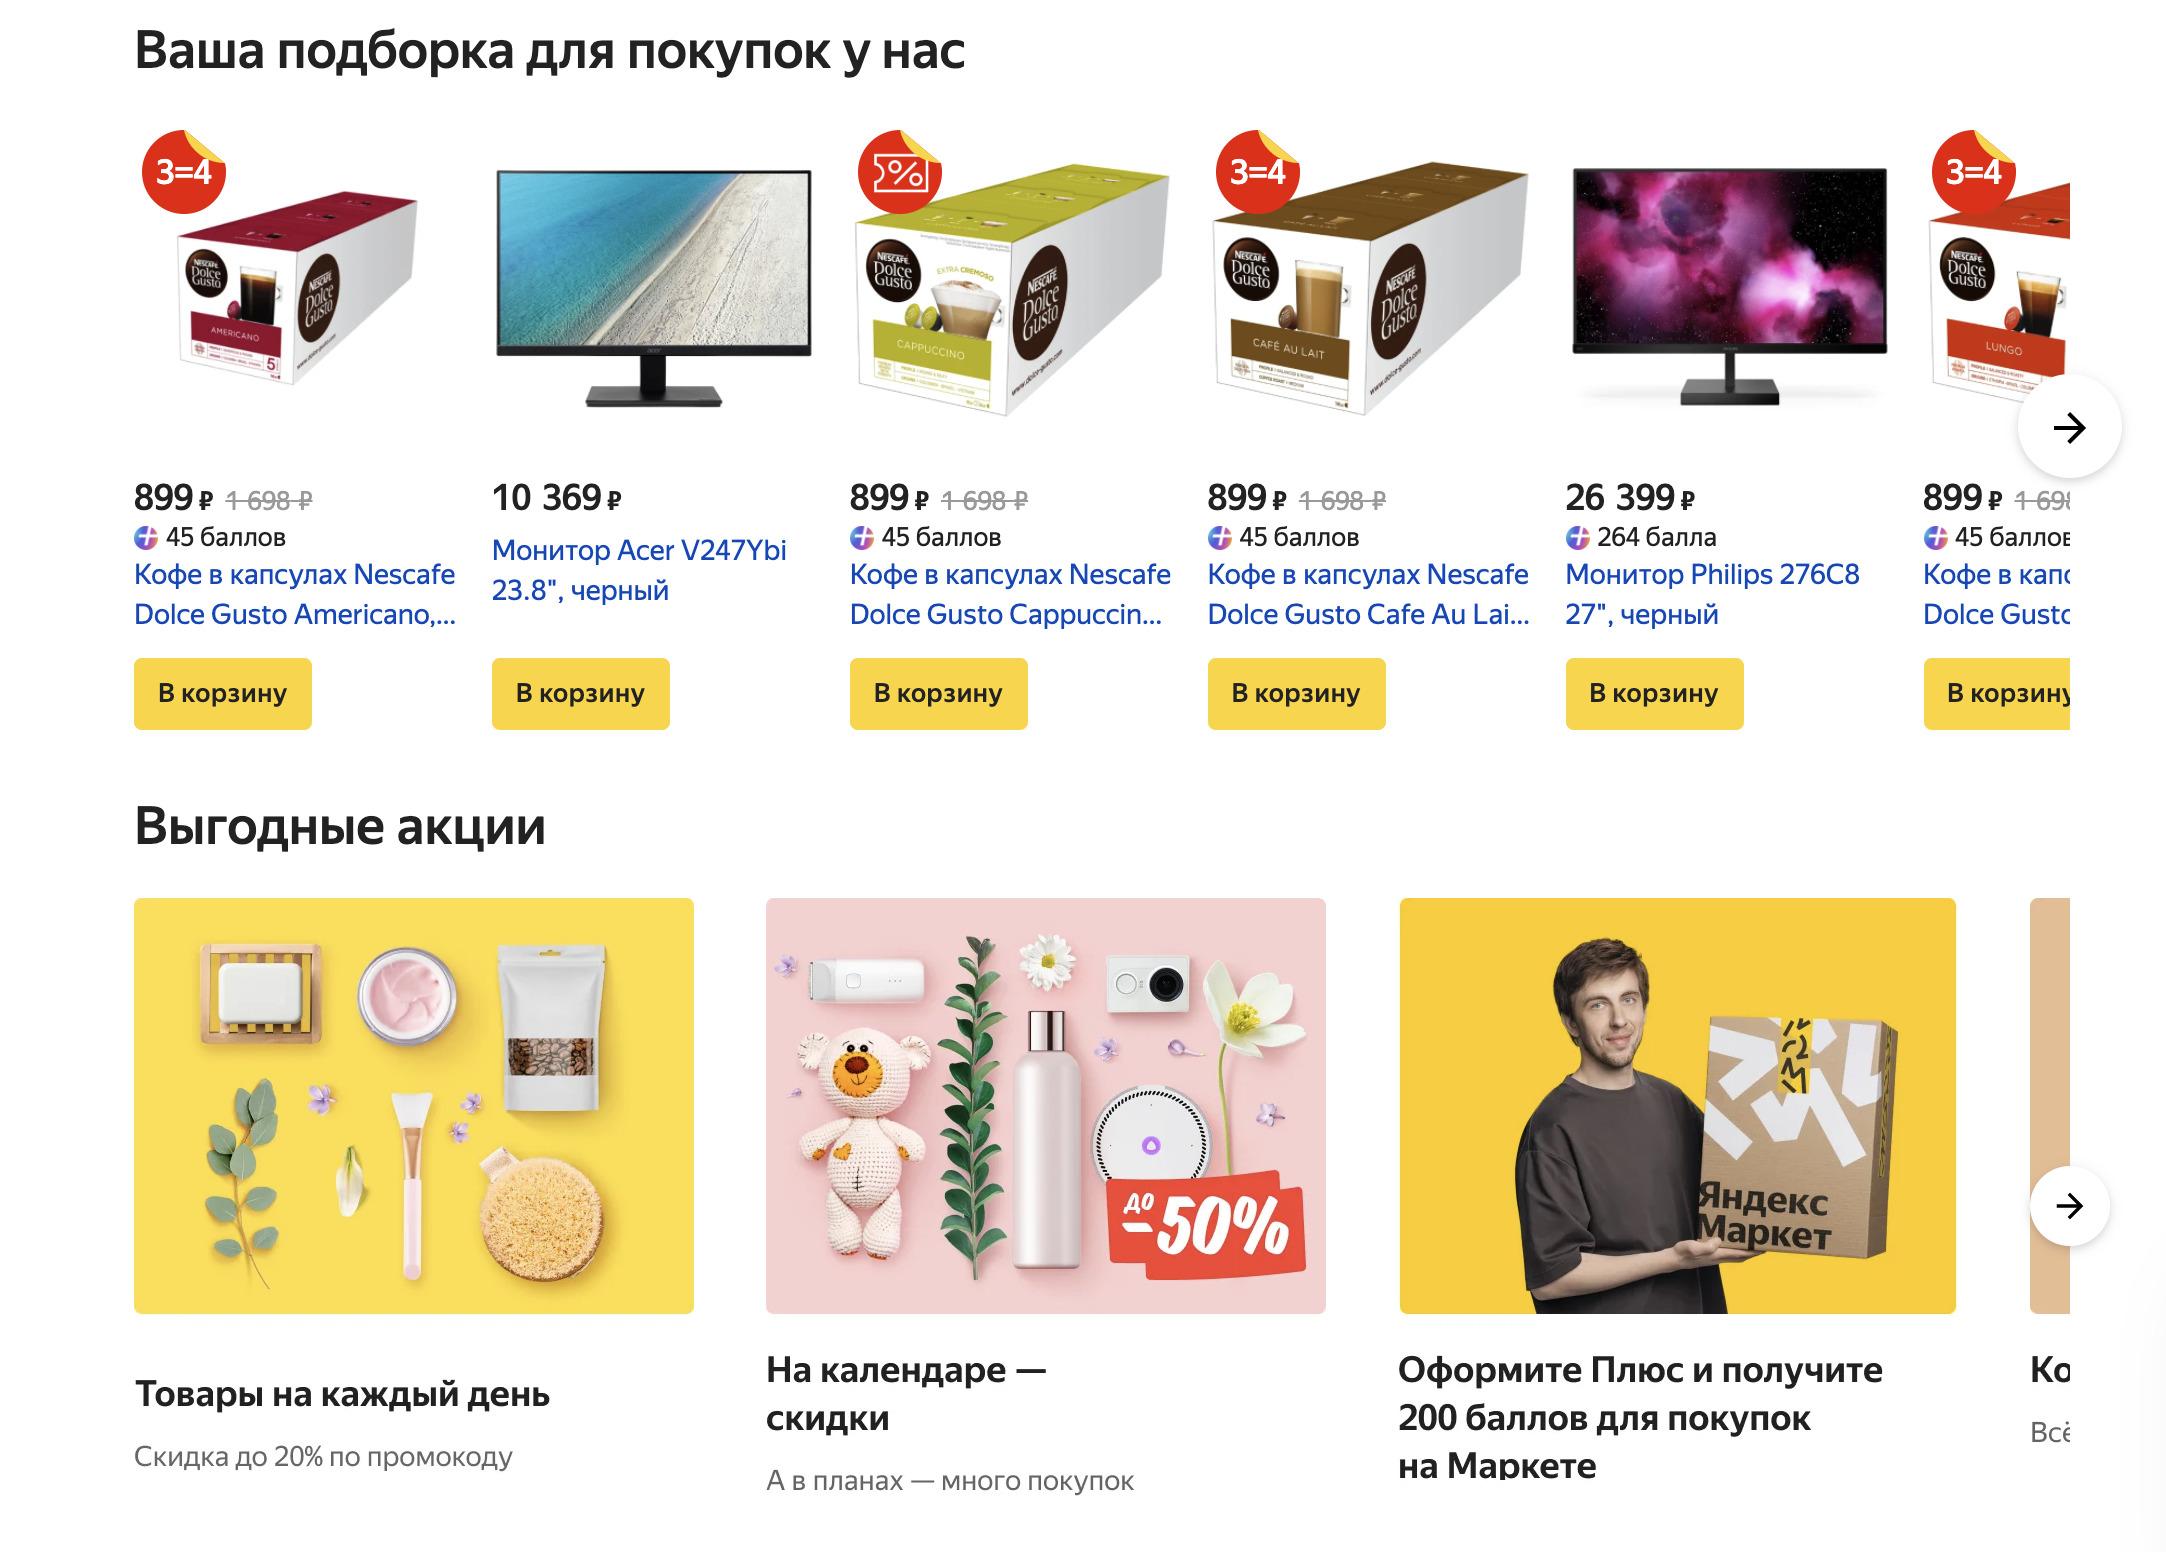 Доставка из Яндекс.Маркет в Кировскую область, сроки, пункты выдачи, каталог